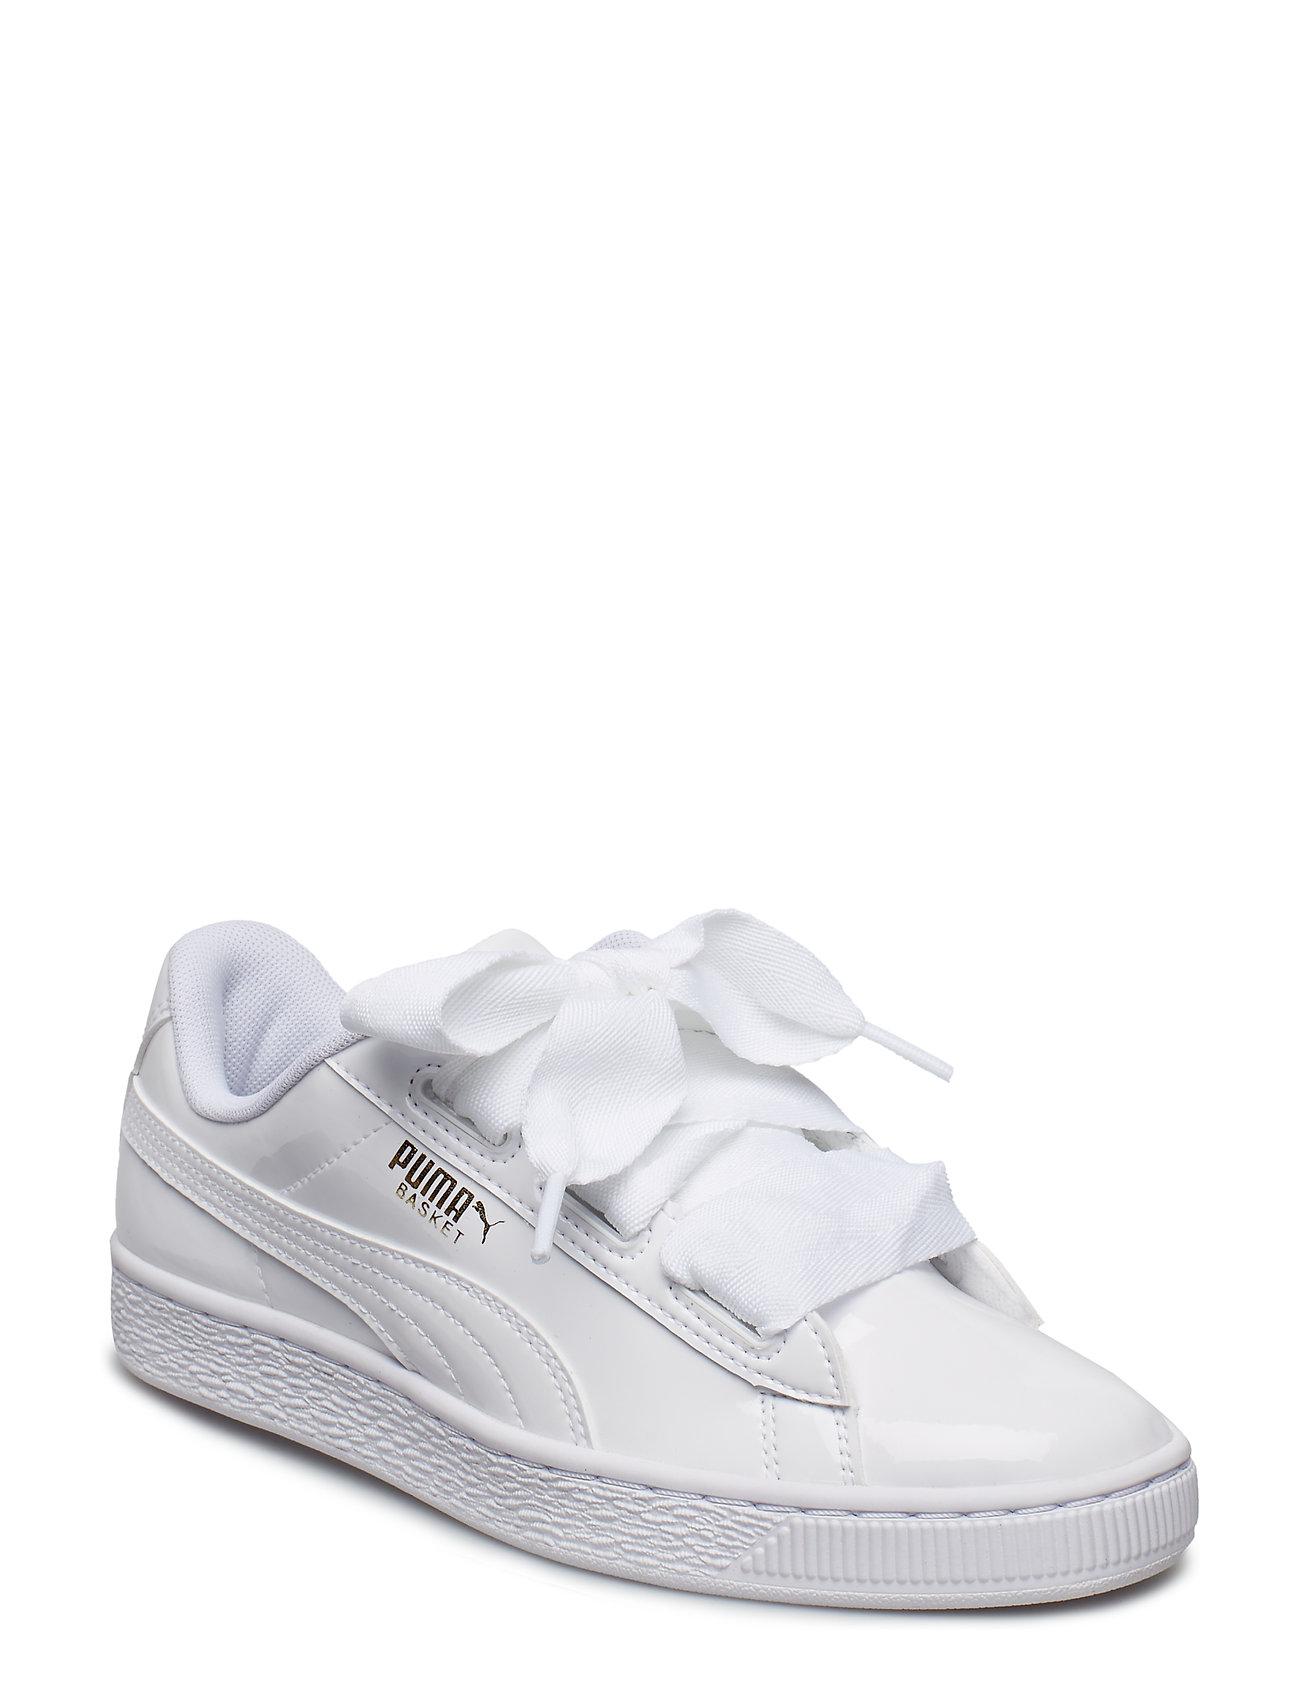 best sneakers b7f07 2d1e6 Basket Heart Patent Jr